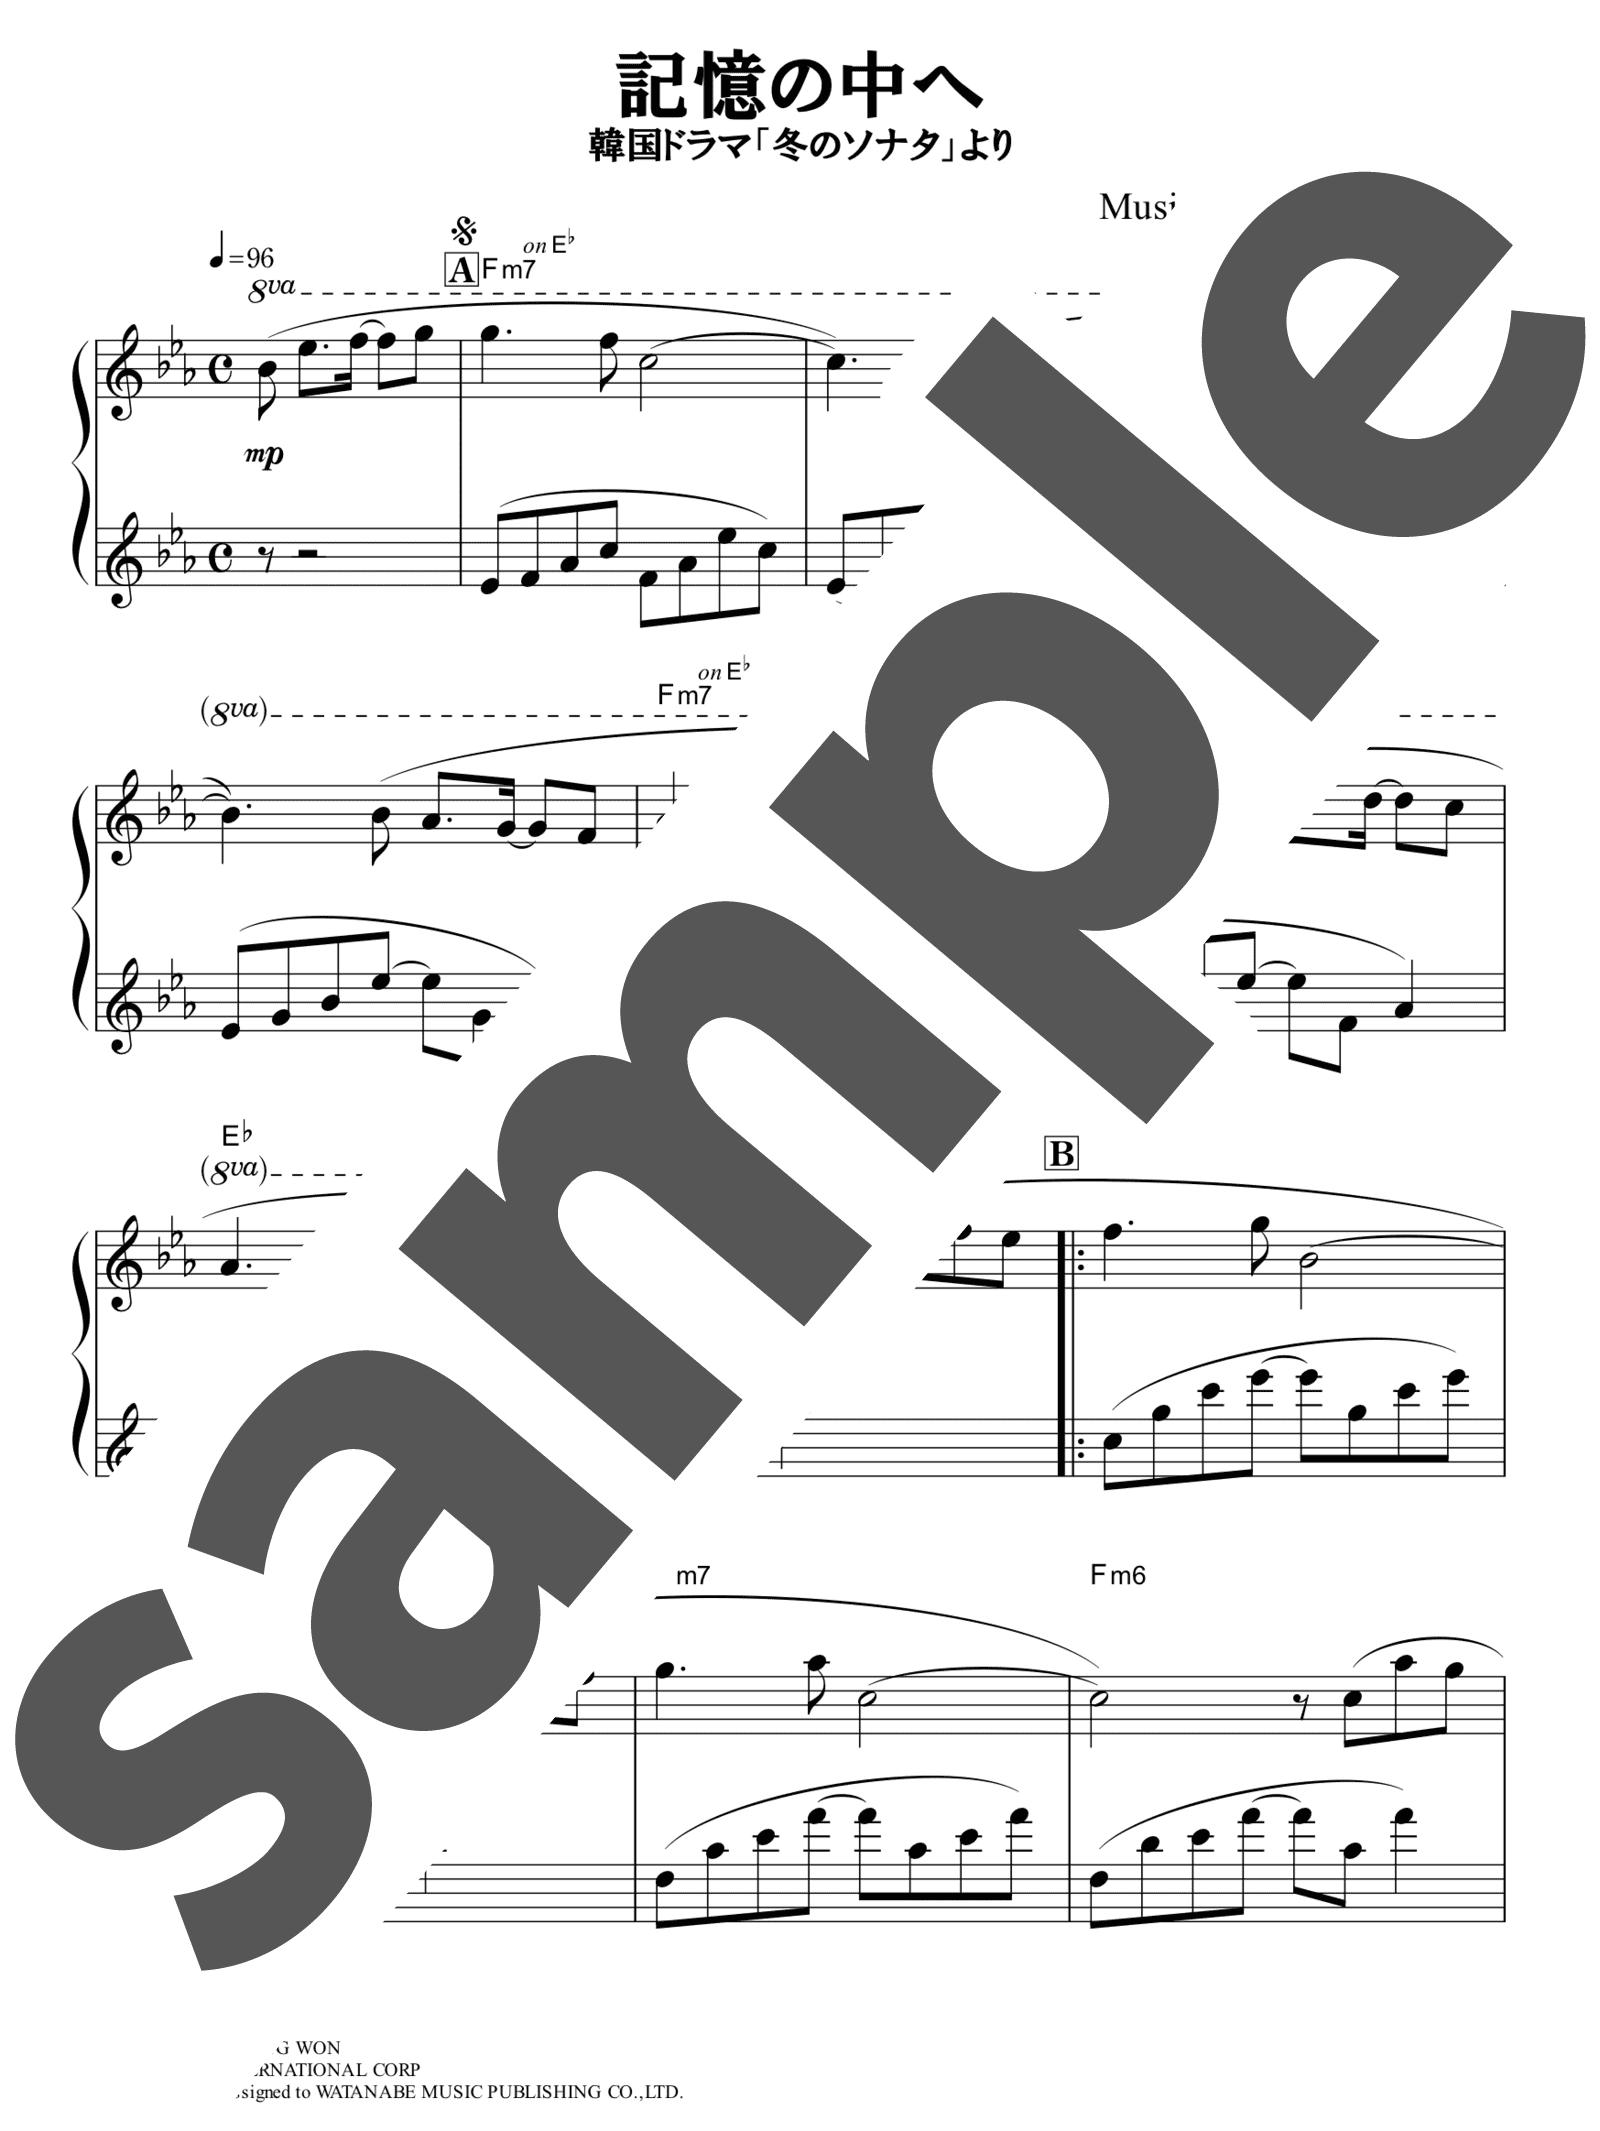 「記憶の中へ」のサンプル楽譜